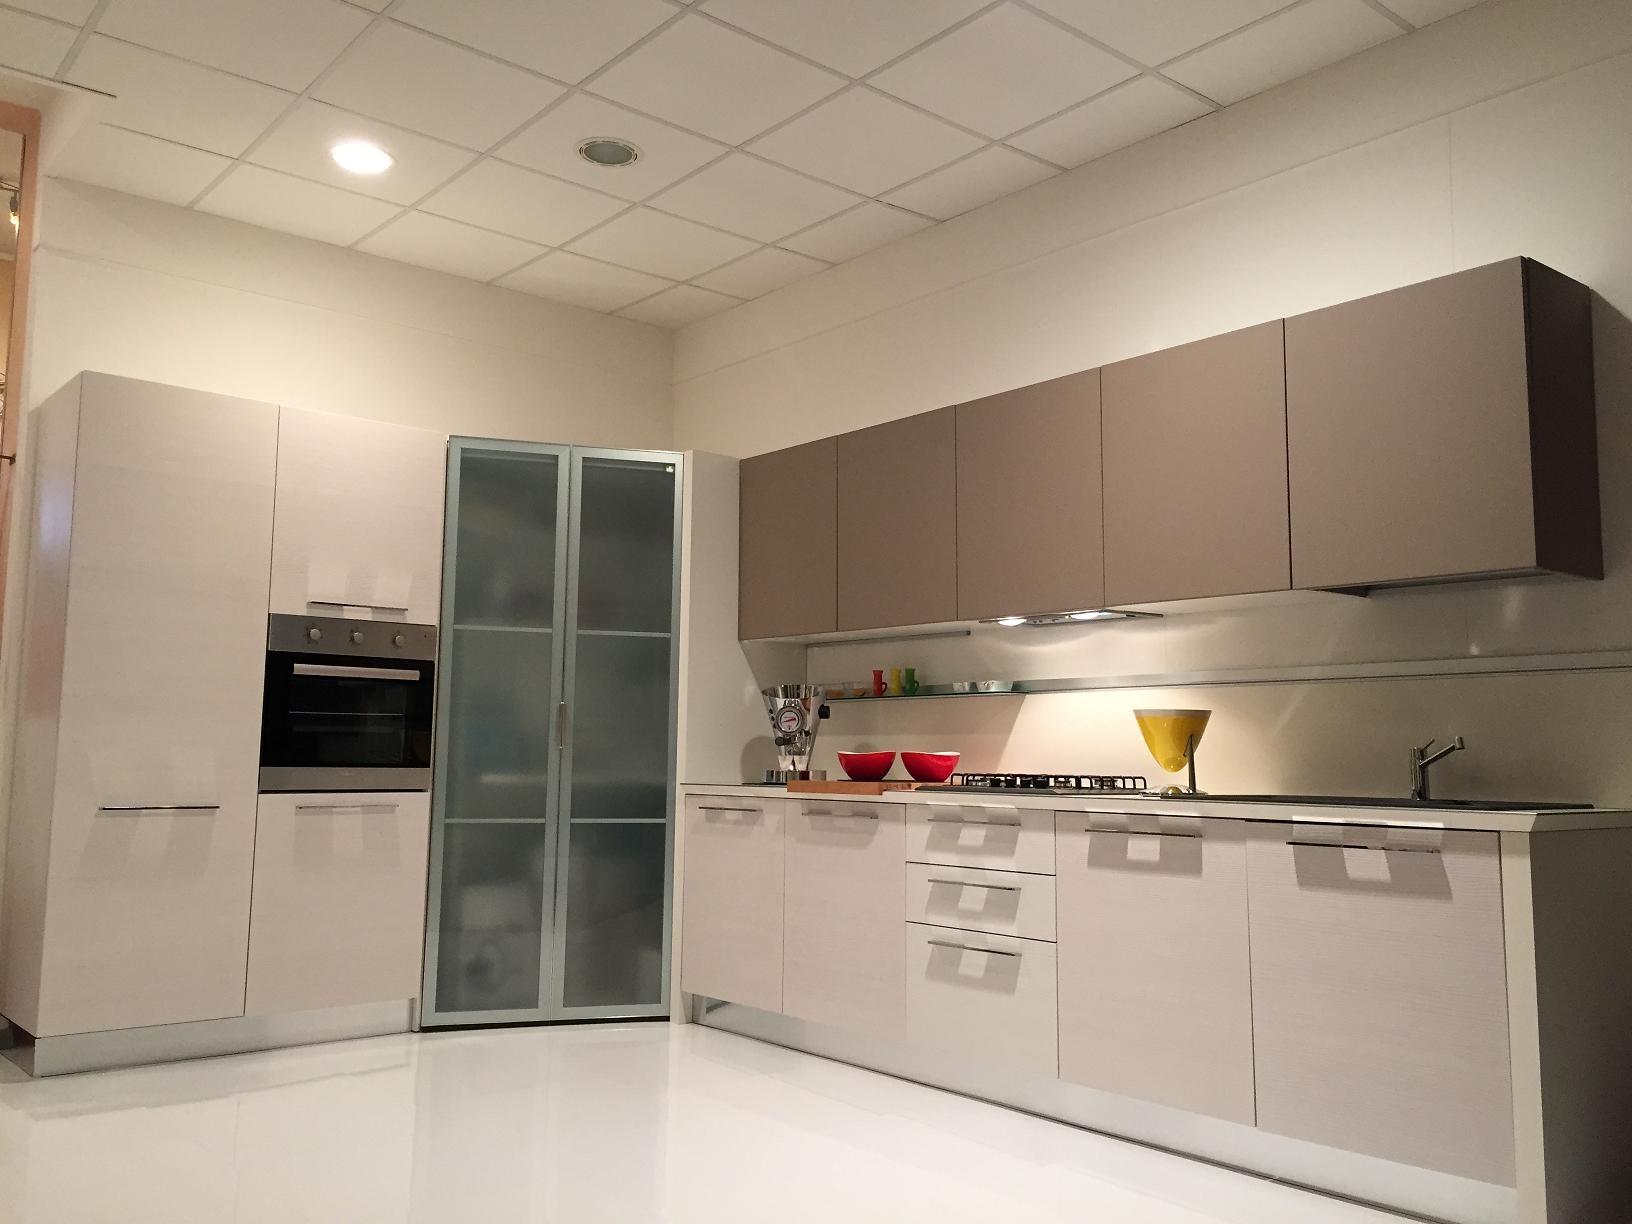 Cucina ad angolo dibiesse scontata del 40 cucine a - Cucine ad angolo ...